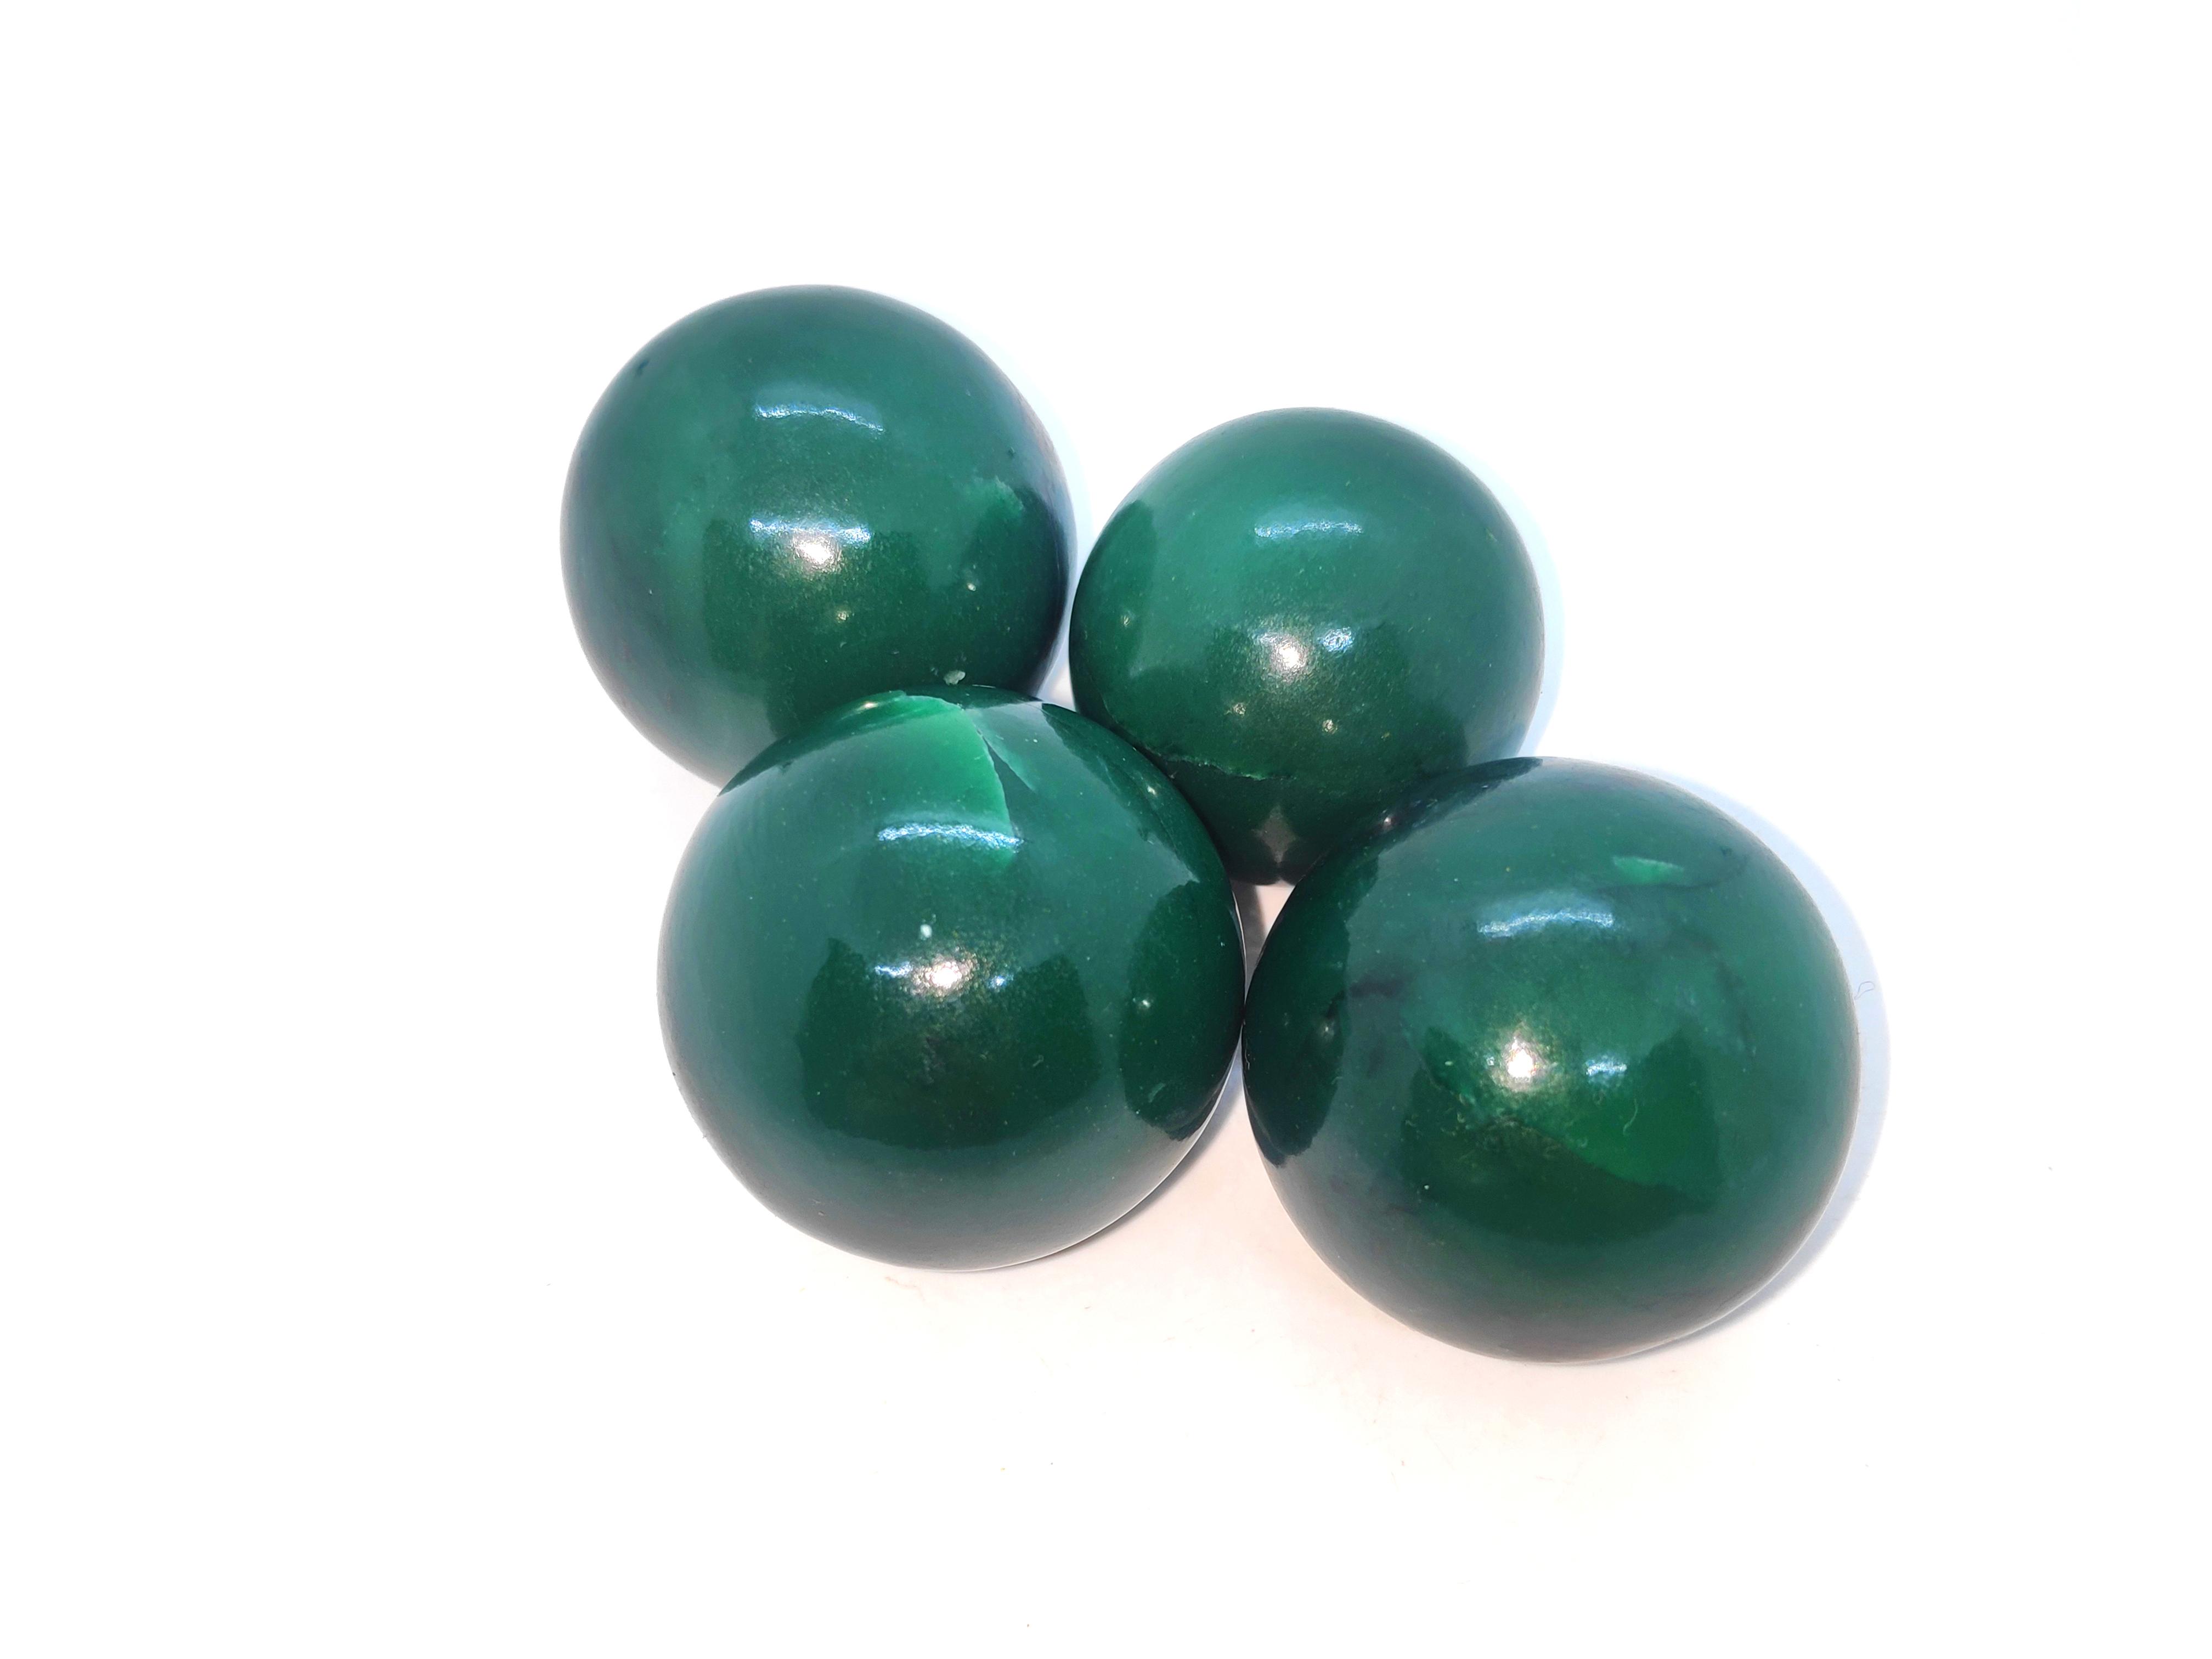 Green Avaenturine Spheres Gemstones